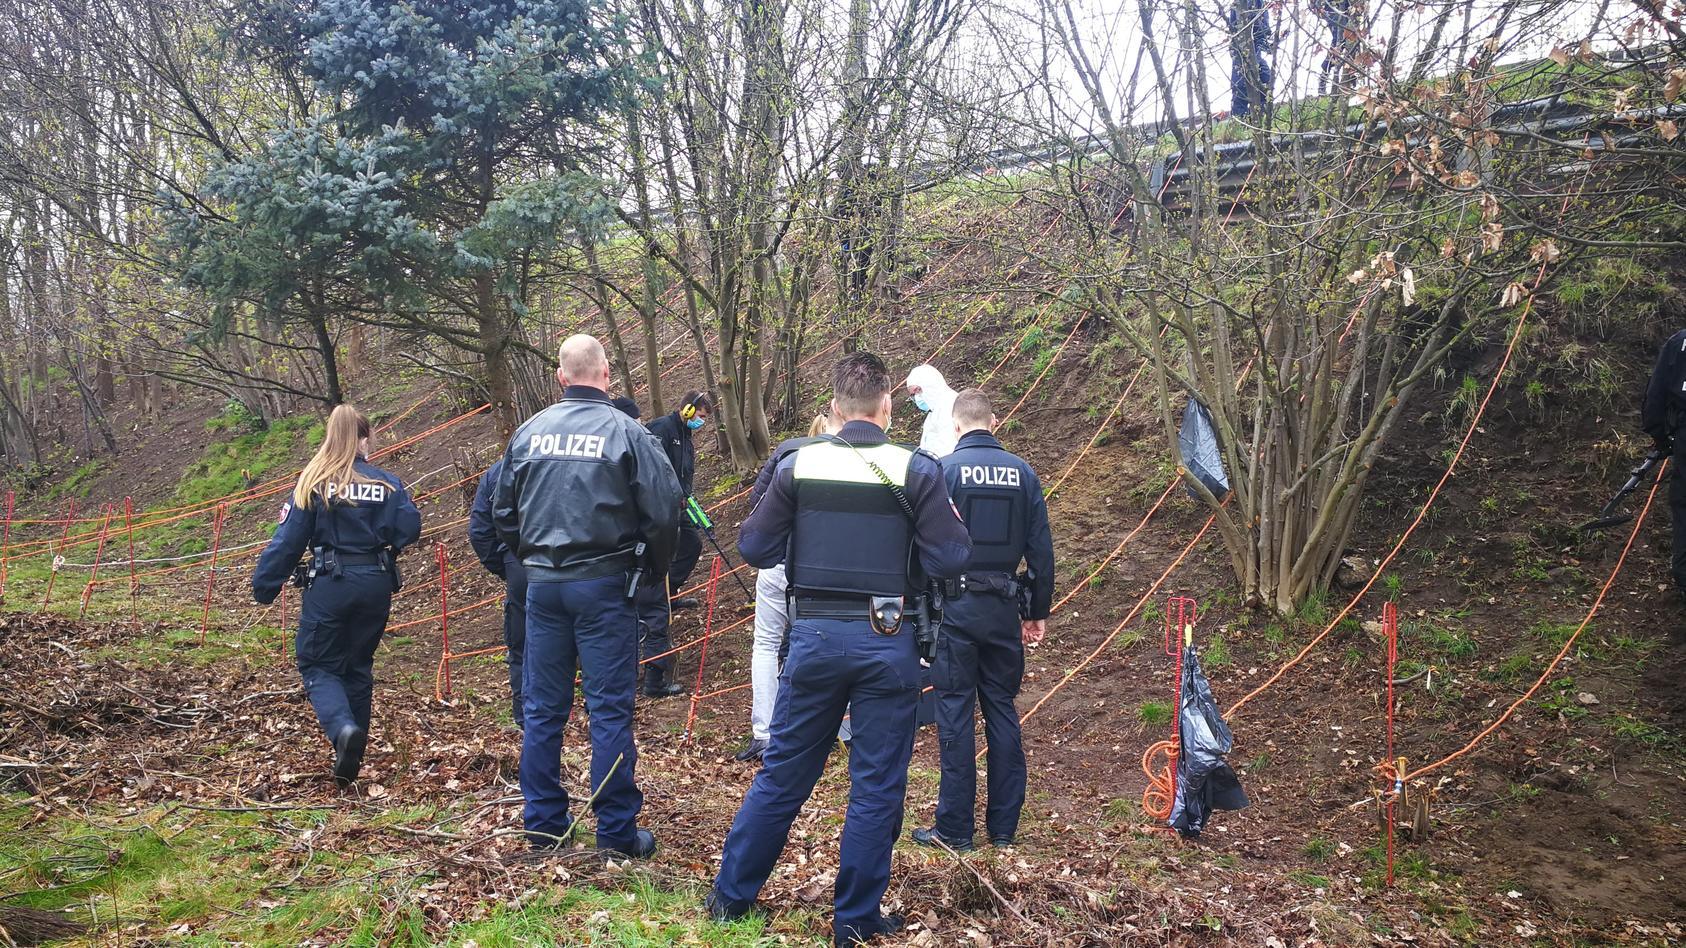 Polizisten entdeckten am Montag (19. April 2021) die mögliche Tatwaffe im Falle eines ermordeten 46-jährigen. Die Tat ereignete sich bereits vor vier Jahren.